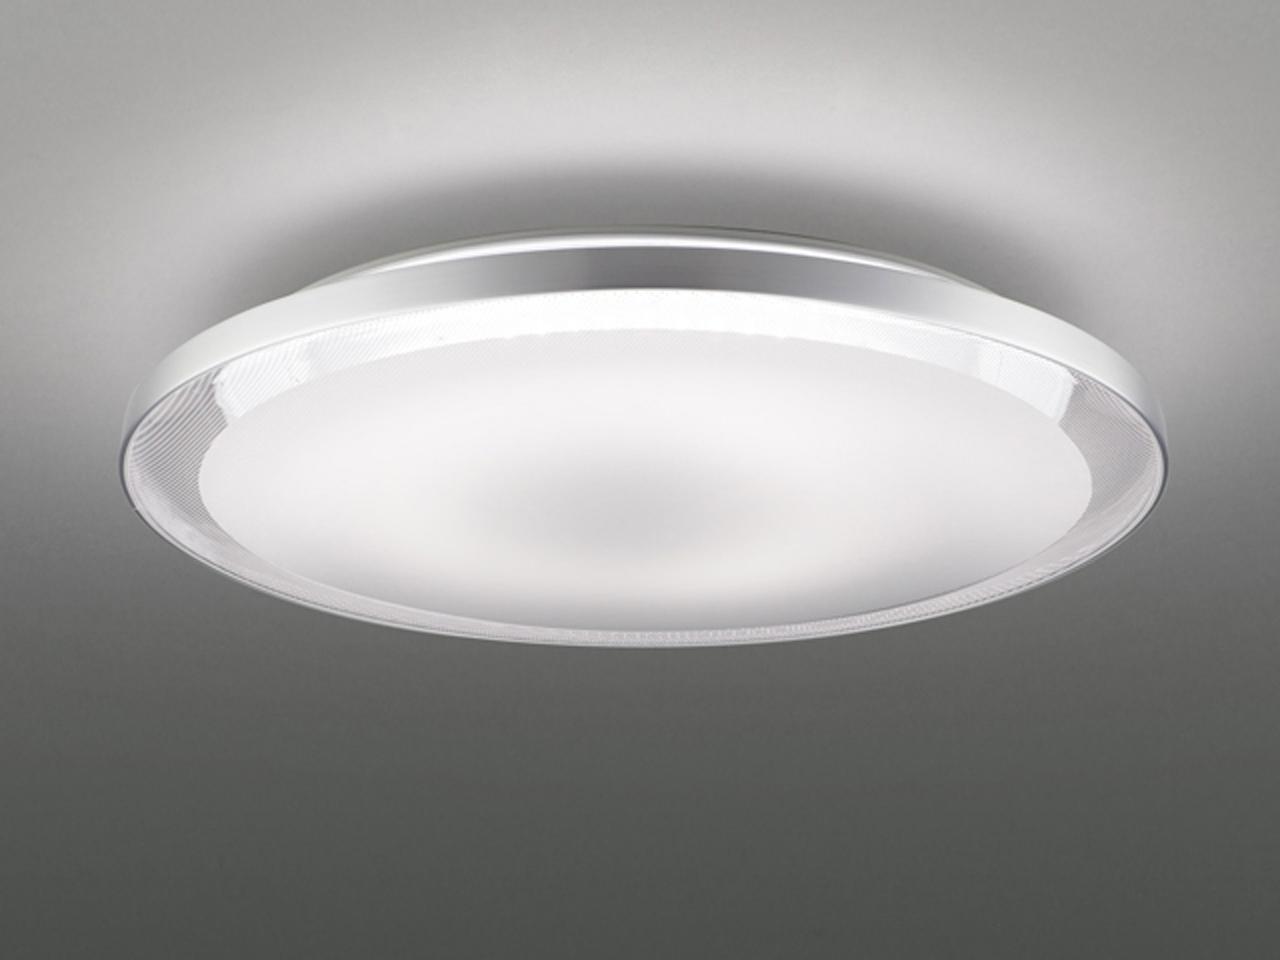 コイズミ LEDシーリング BH181201A